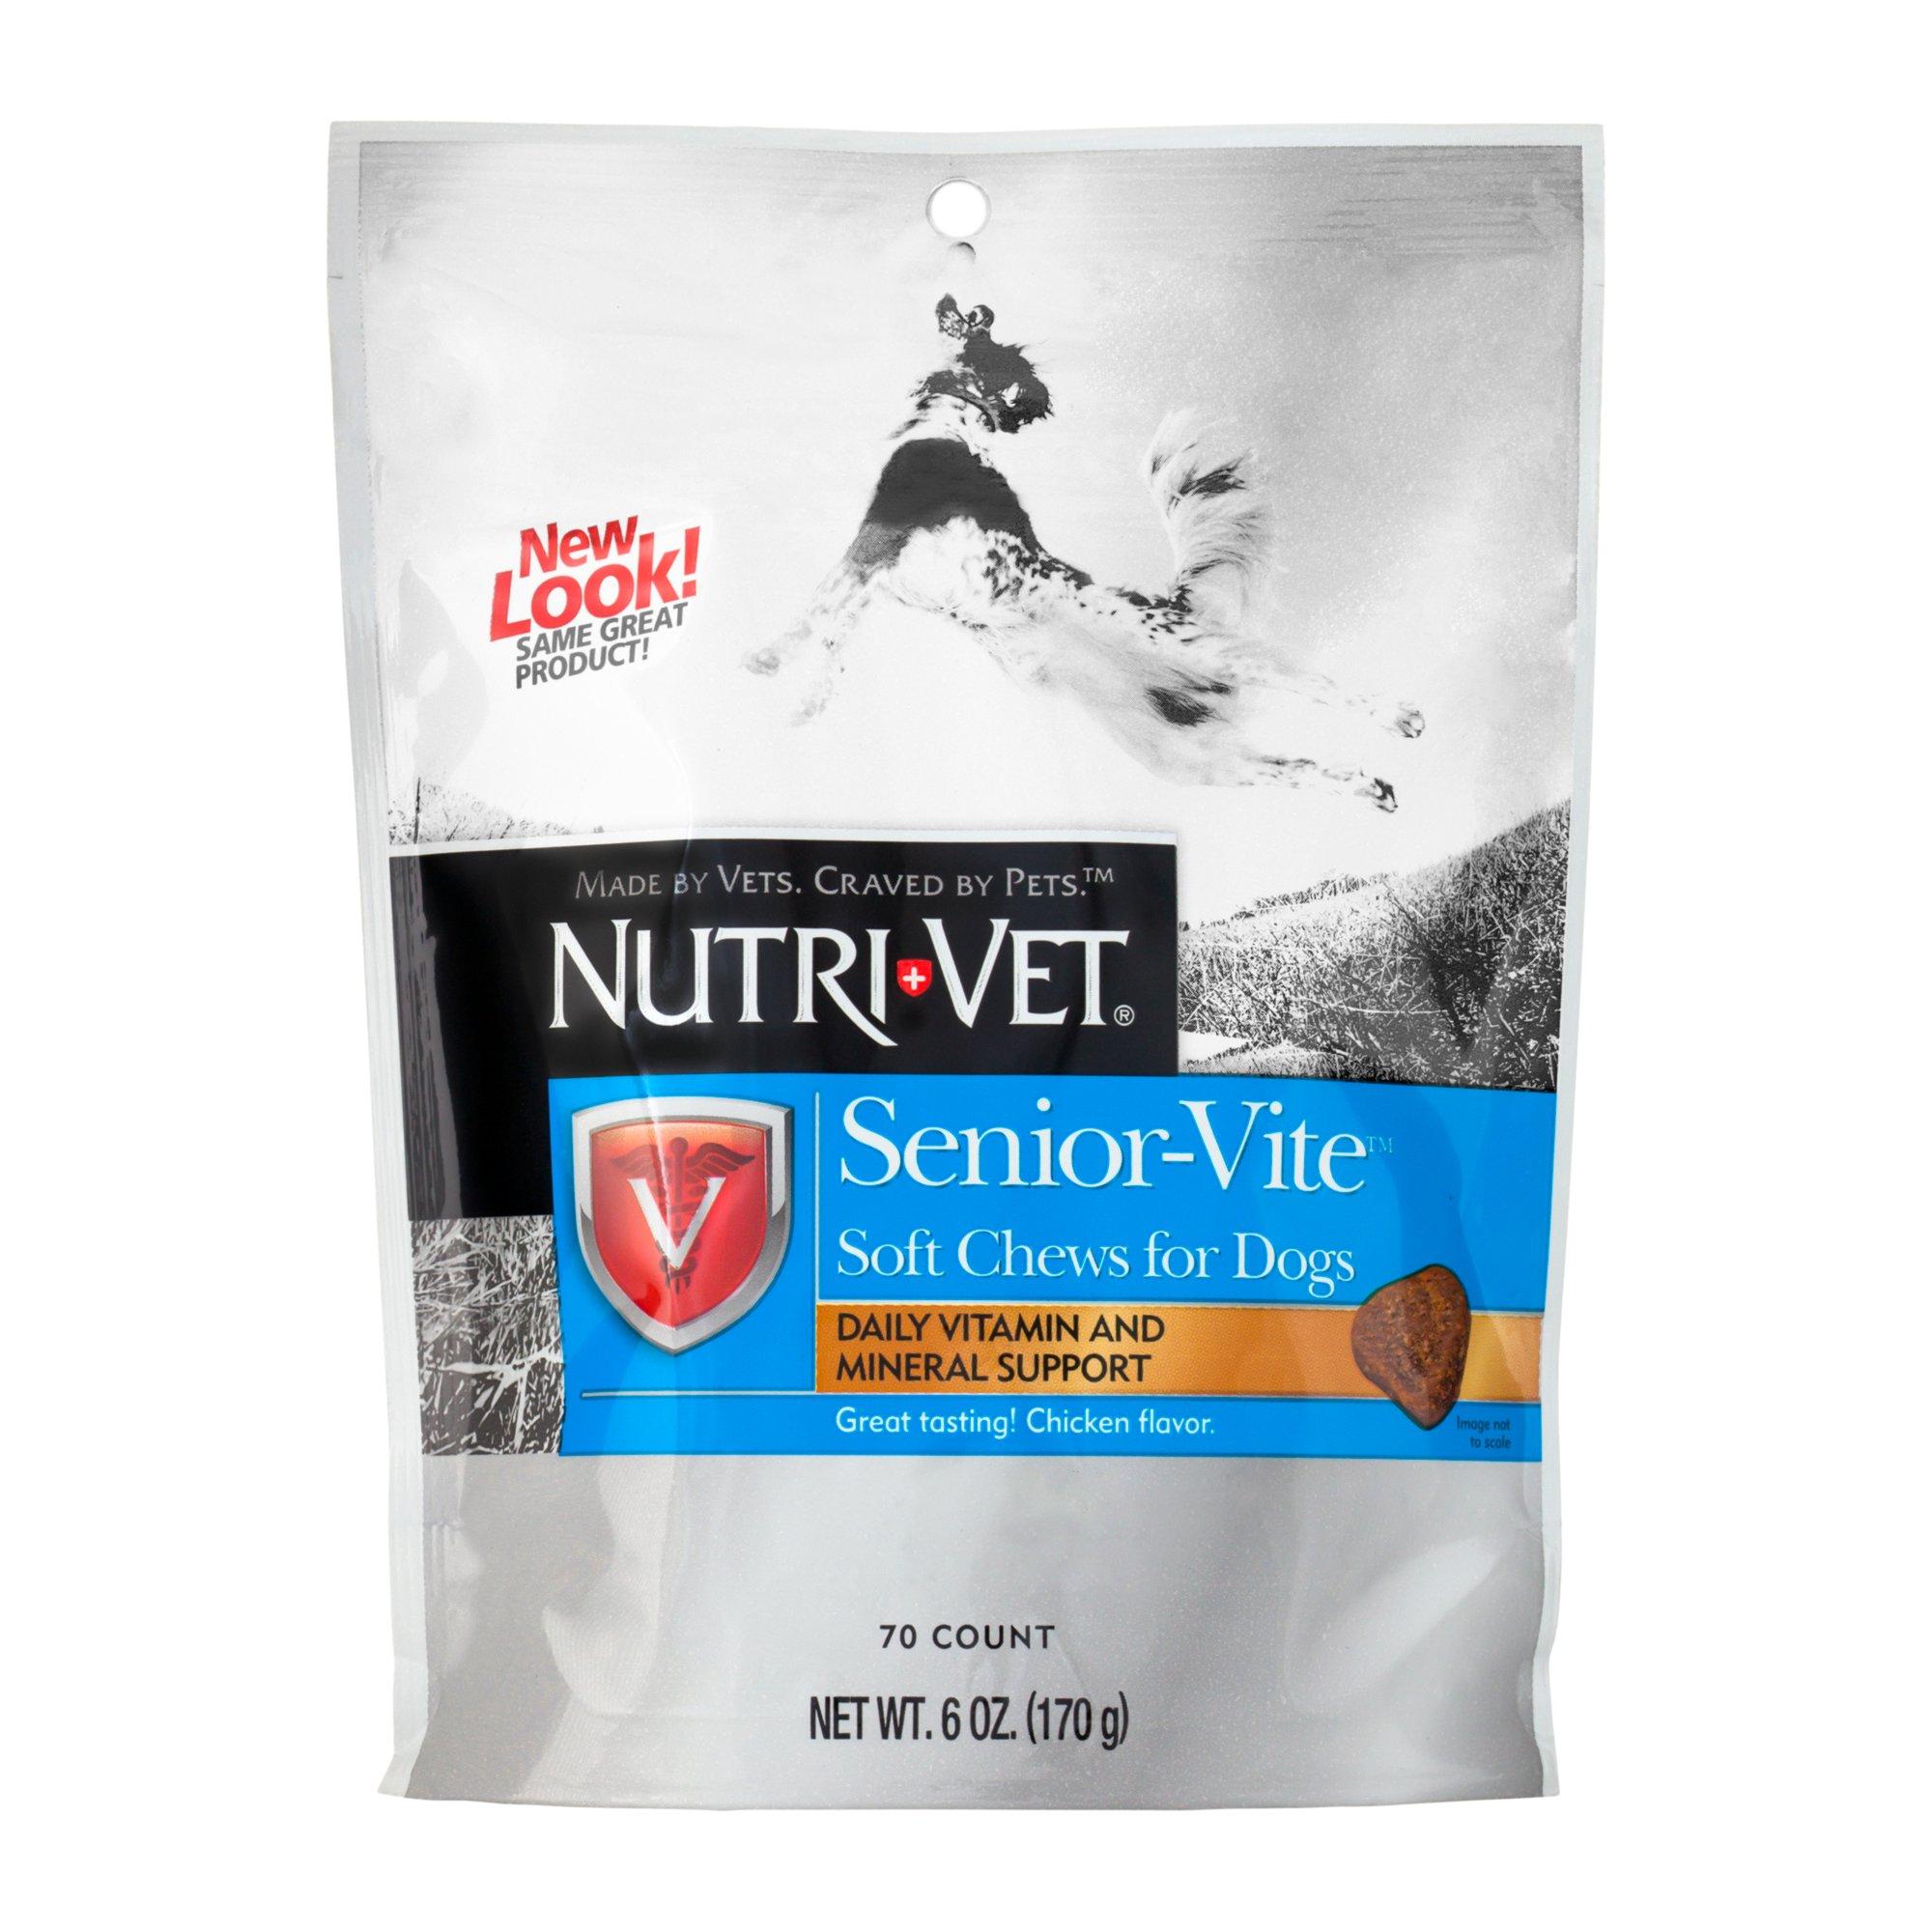 Nutri-Vet Senior-Vite Daily Soft Chew Dog Vitamins